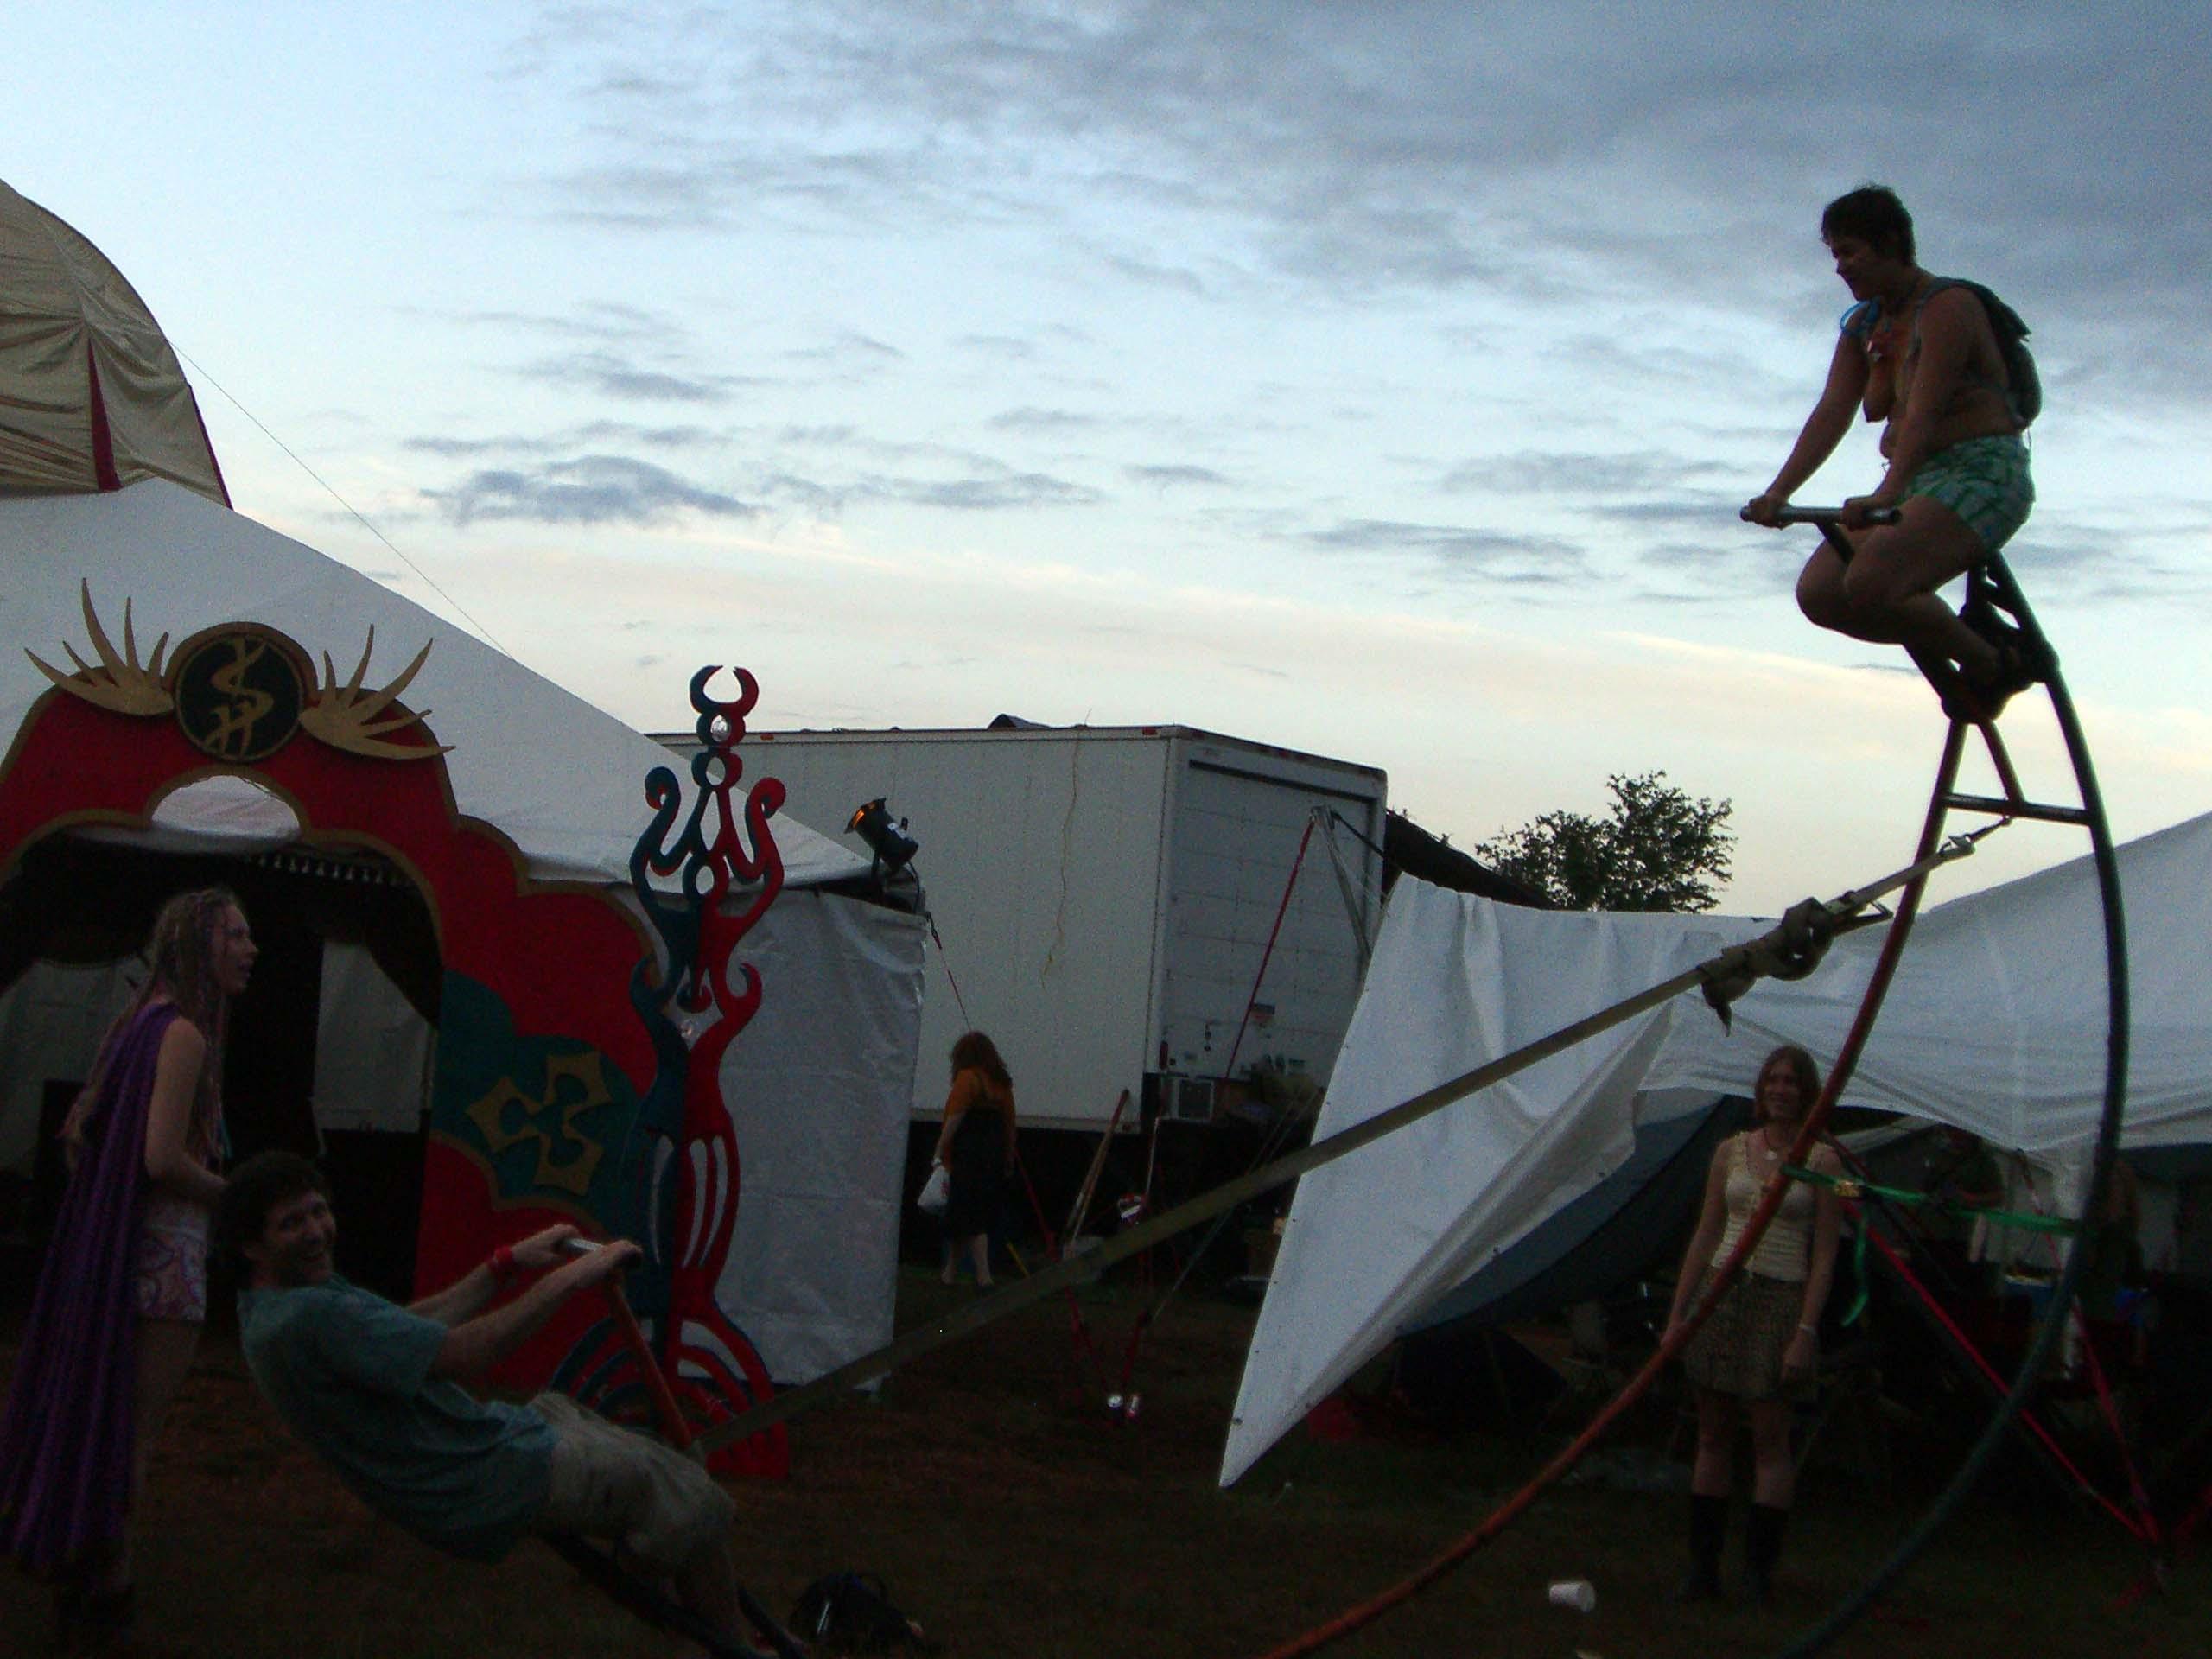 A circular seesaw at the Ish camp at Burning Flipside 2007